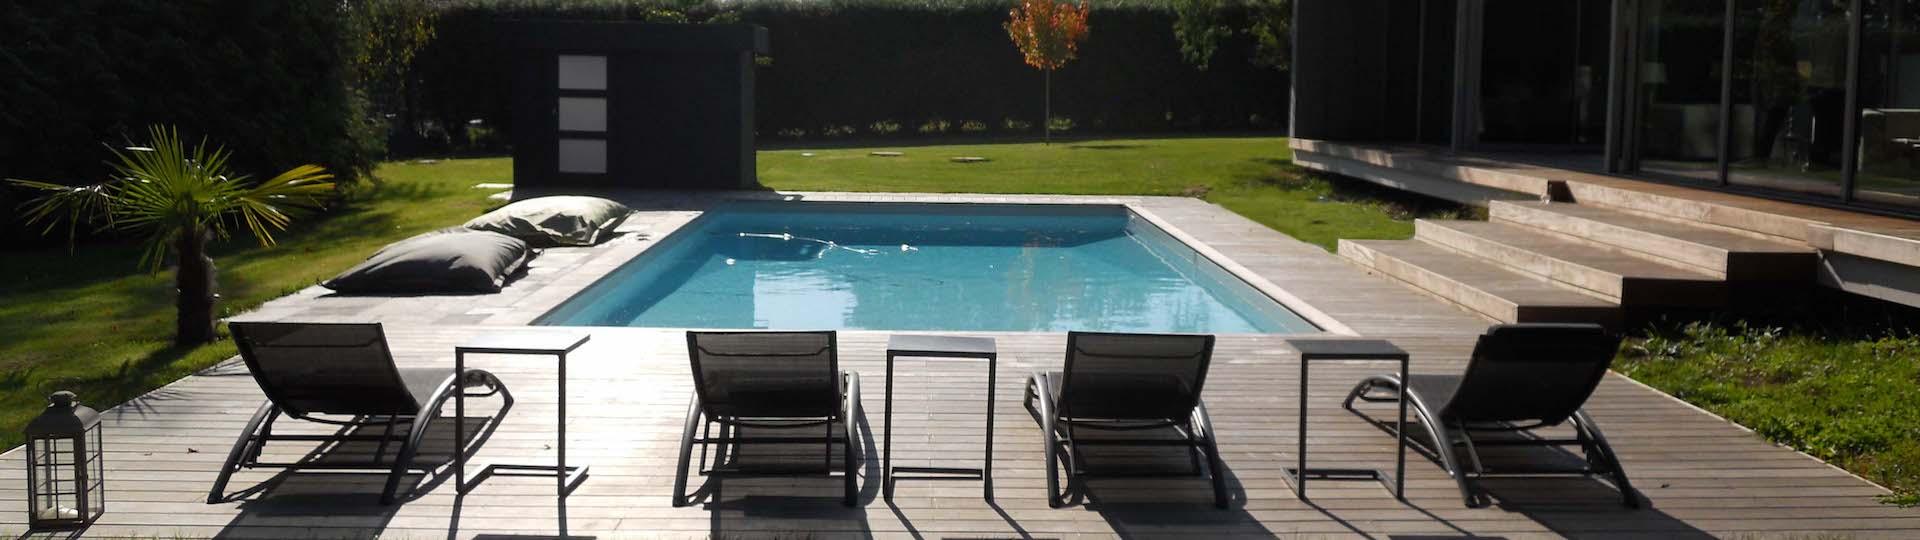 Piscines VINET, constructeur de piscines à Carquefou